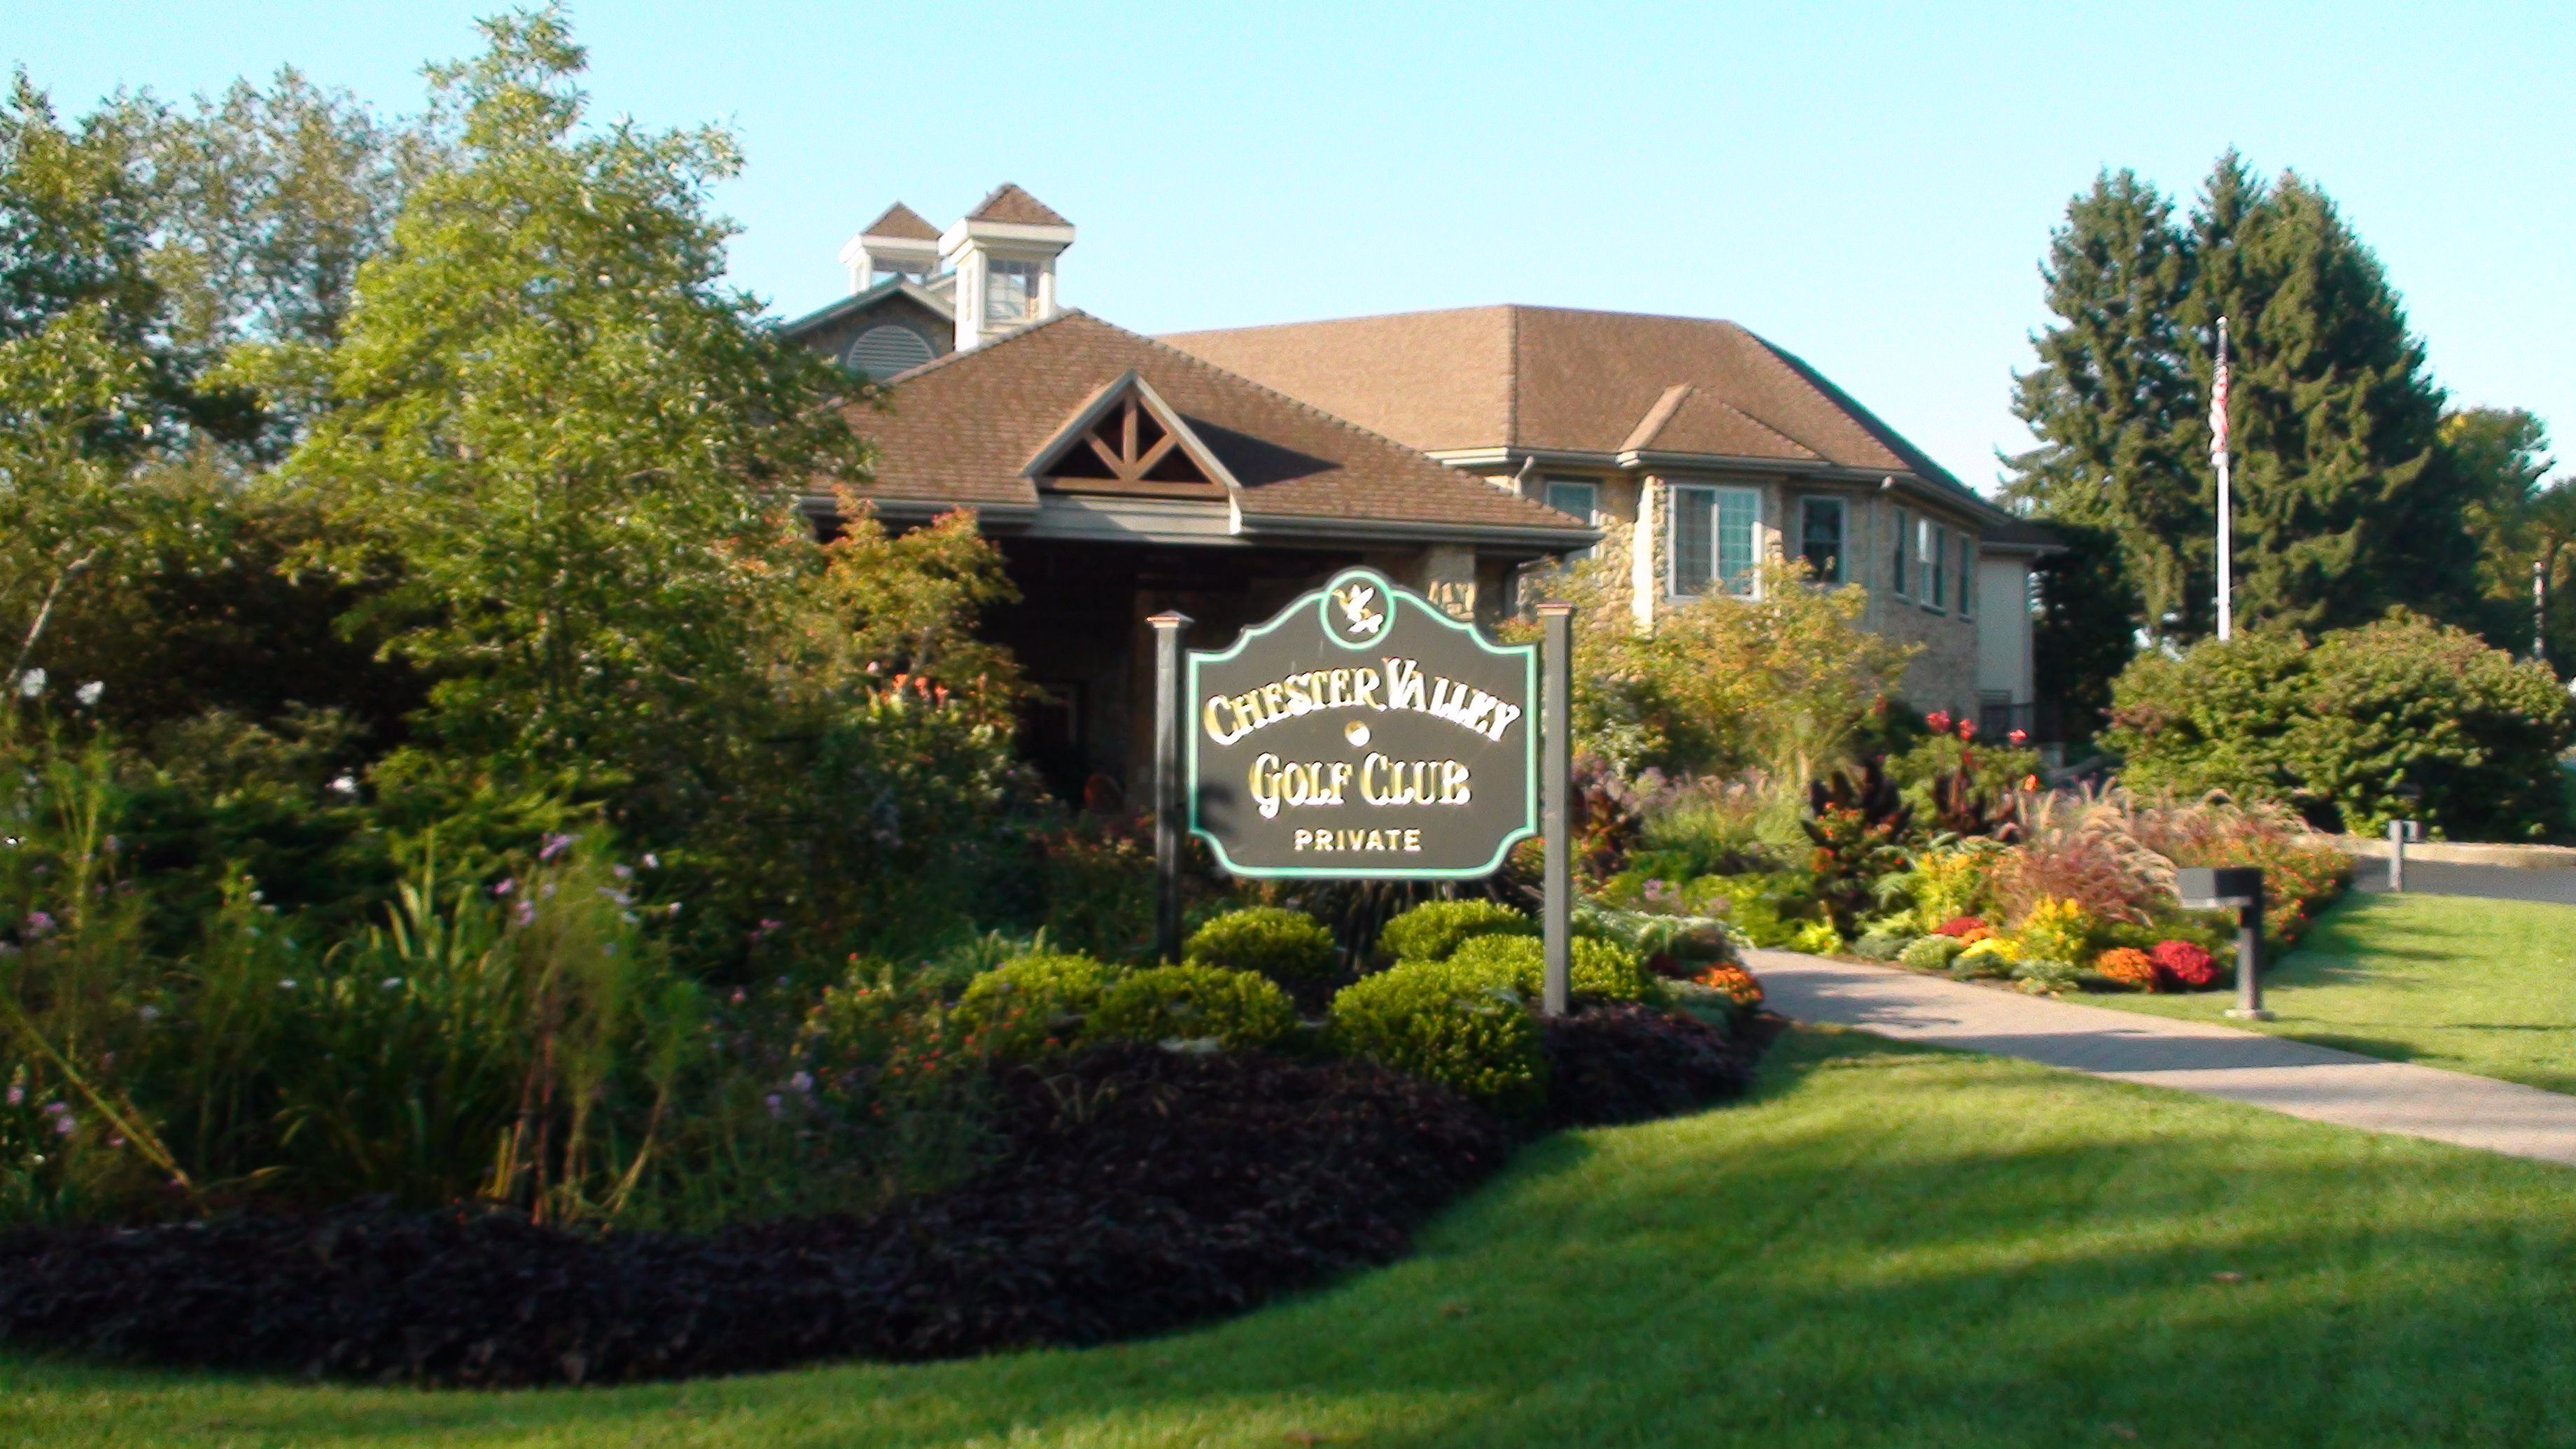 27++ Chester valley golf course malvern pa ideas